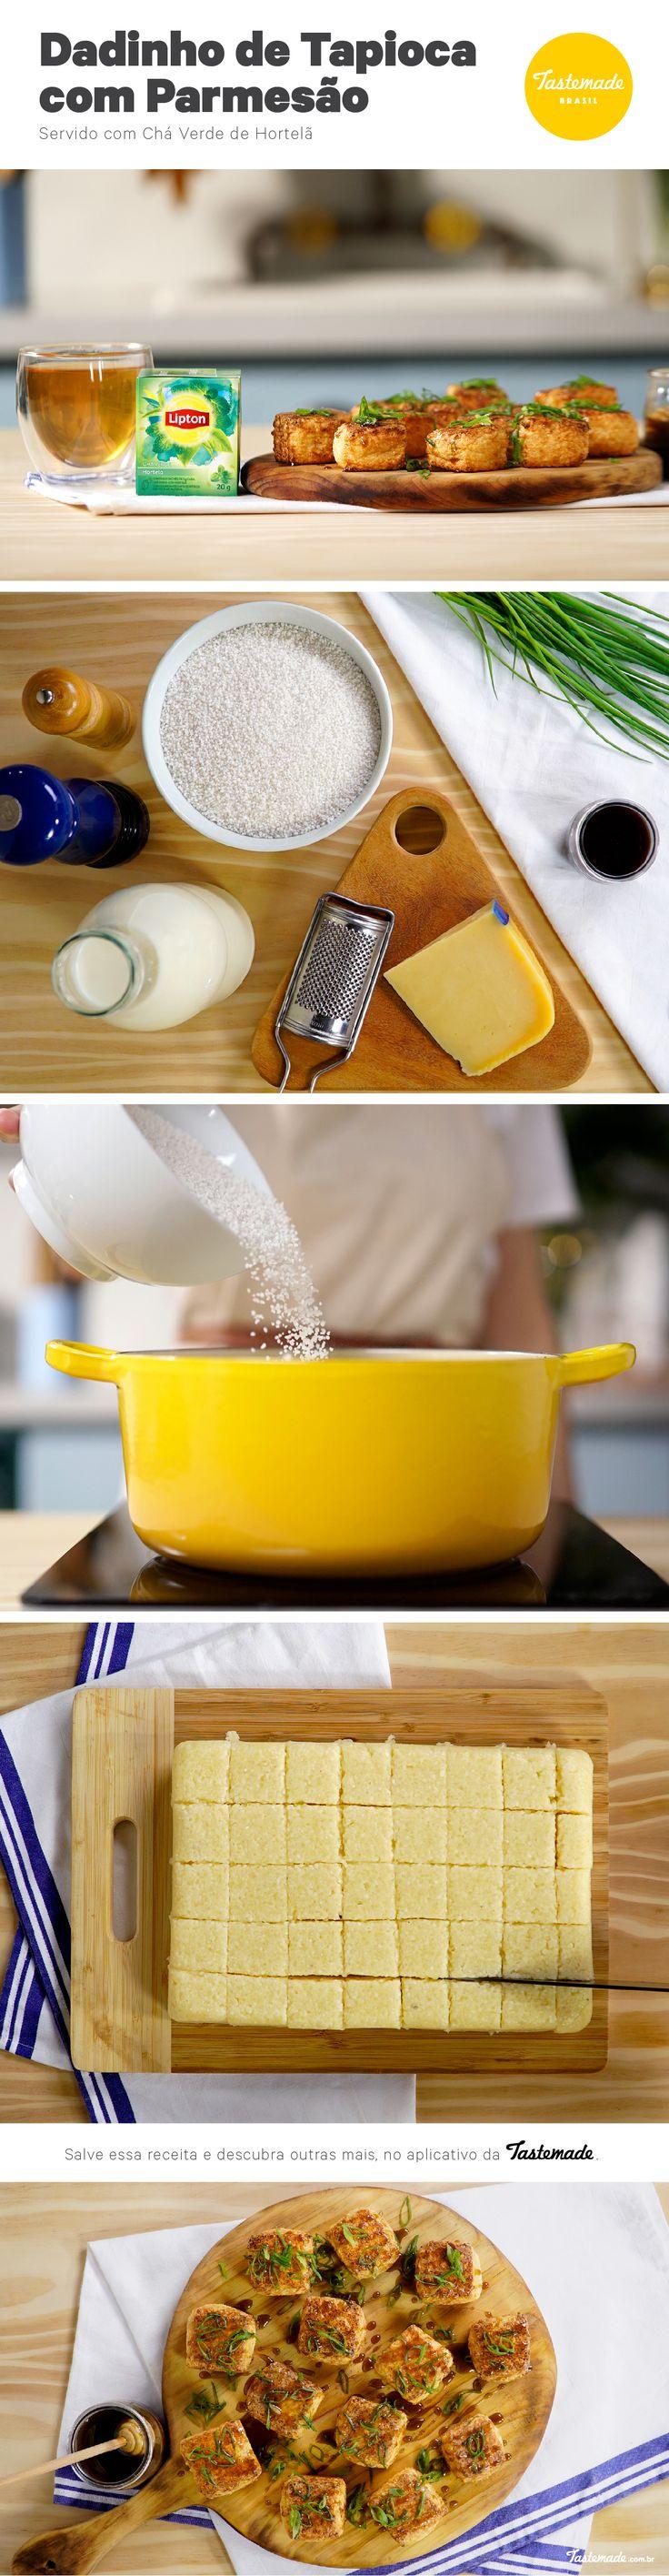 Para acompanhar um chá verde com hortelã e receber as visitas, prepare esses dadinhos de tapioca com parmesão.  Receita completa: https://www.tastemade.com.br/videos/dadinhos-de-tapioca-lipton